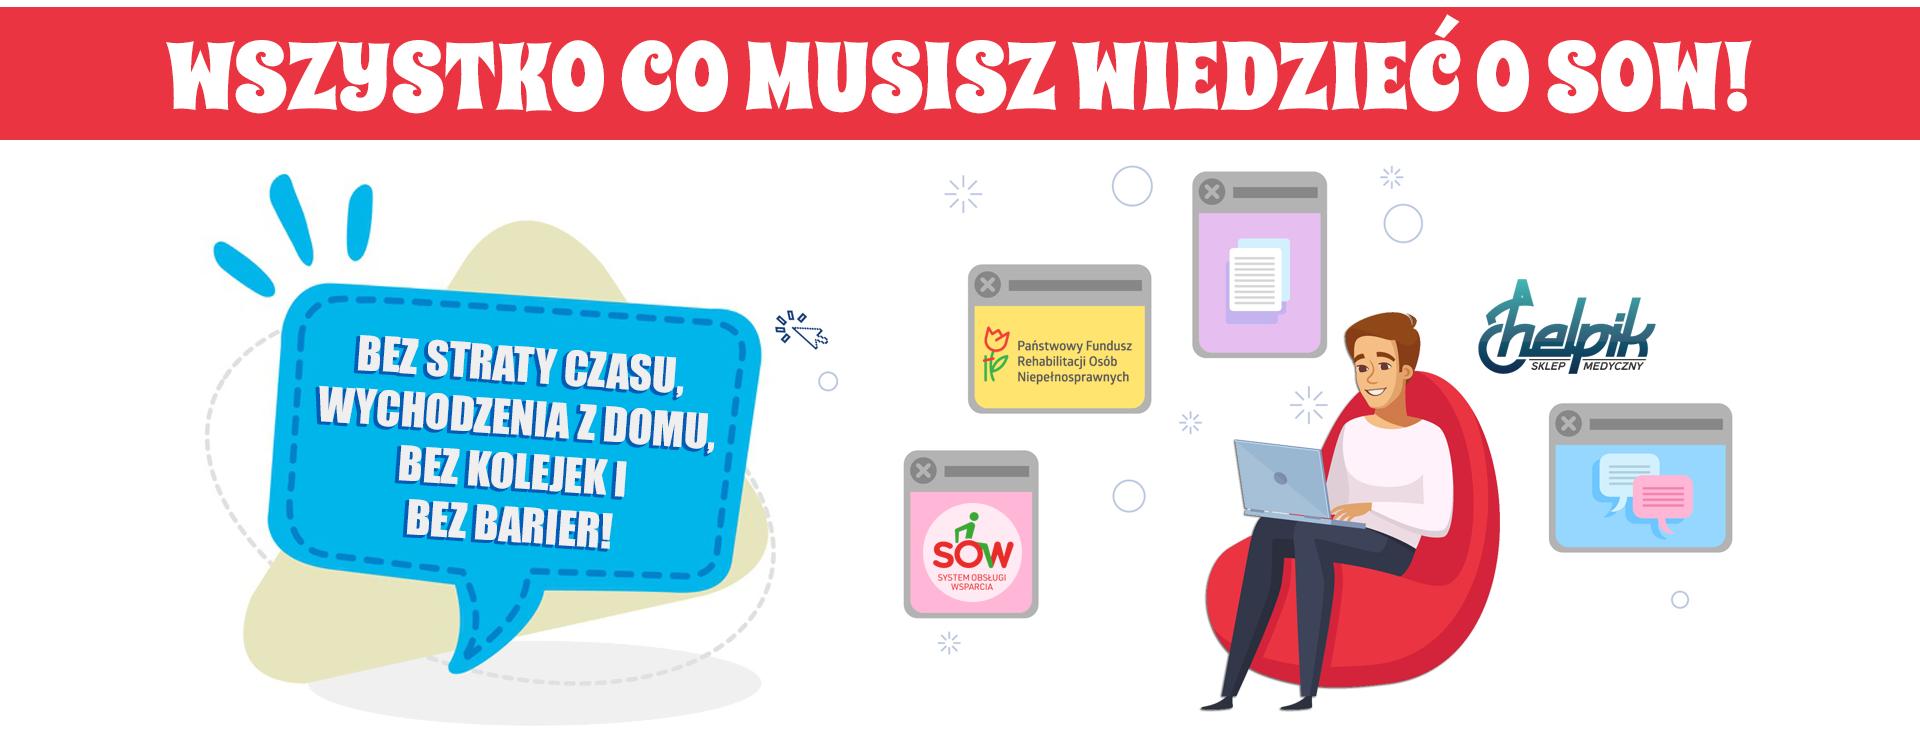 Wszystko co musisz wiedzieć o SOW. Dofinansowanie z PFRON teraz przez internet!